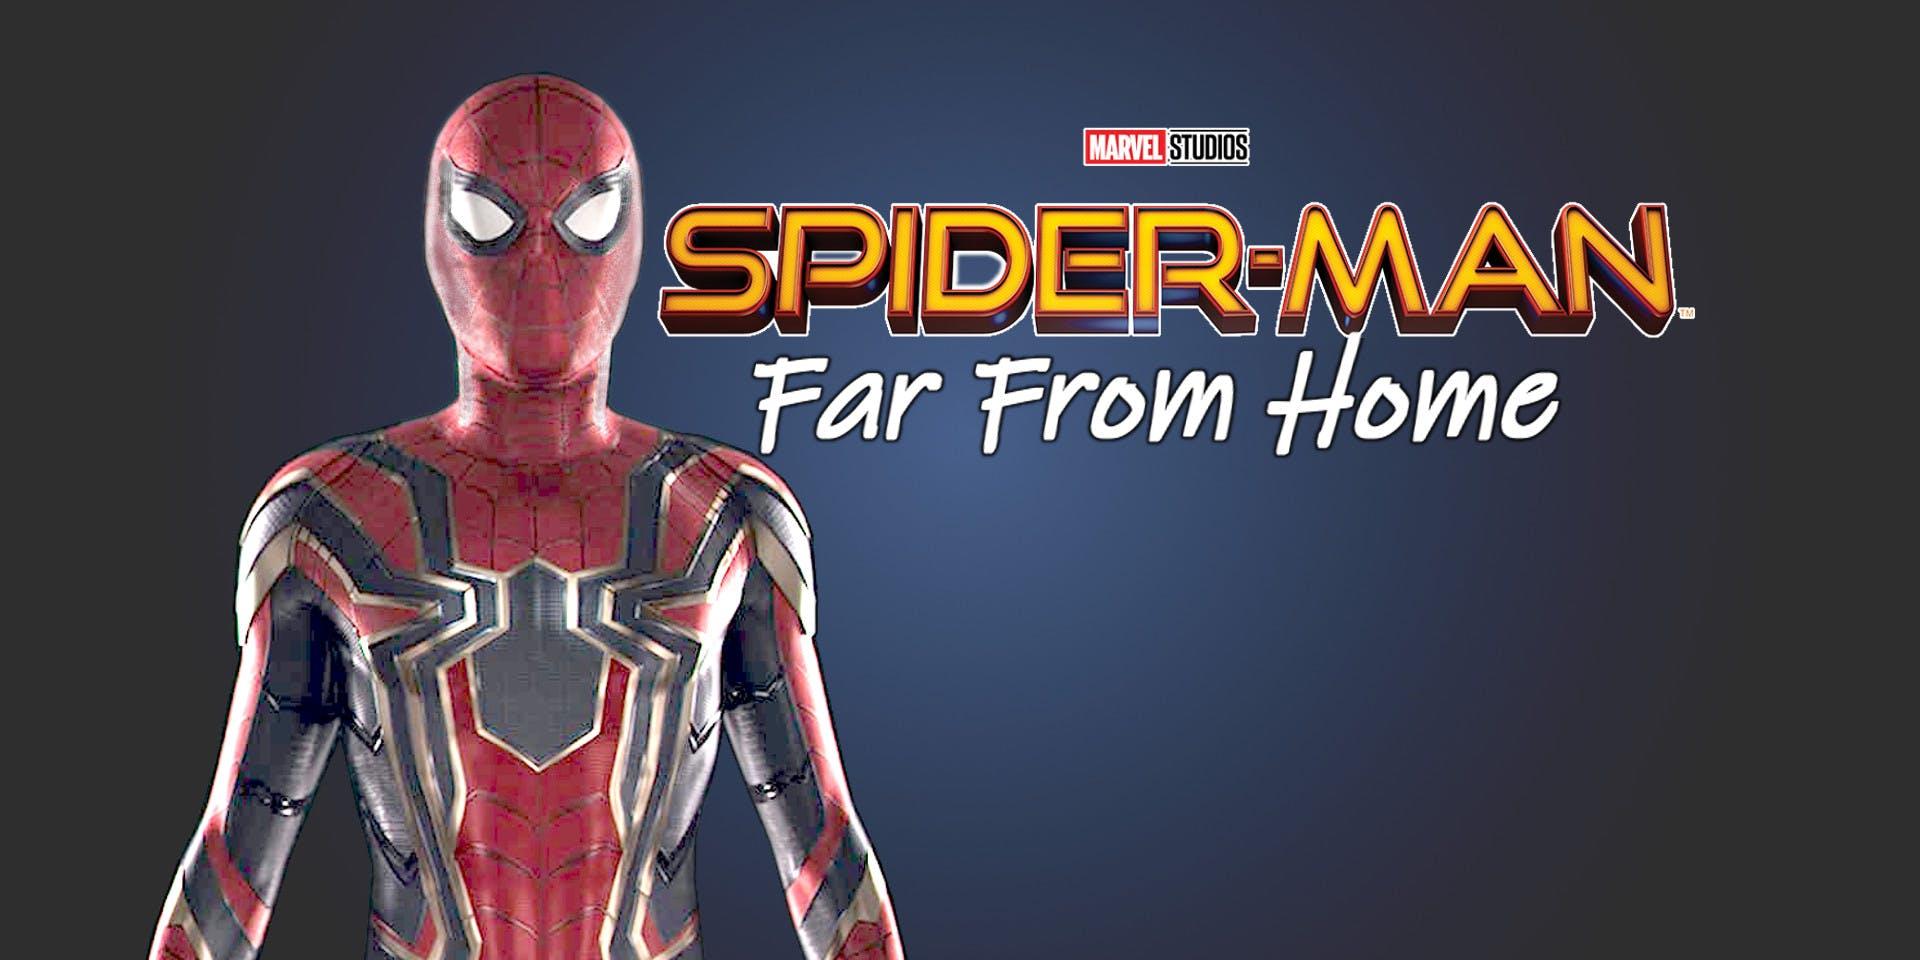 زمان نمایش فیلم Spider-Man2: Far From Home